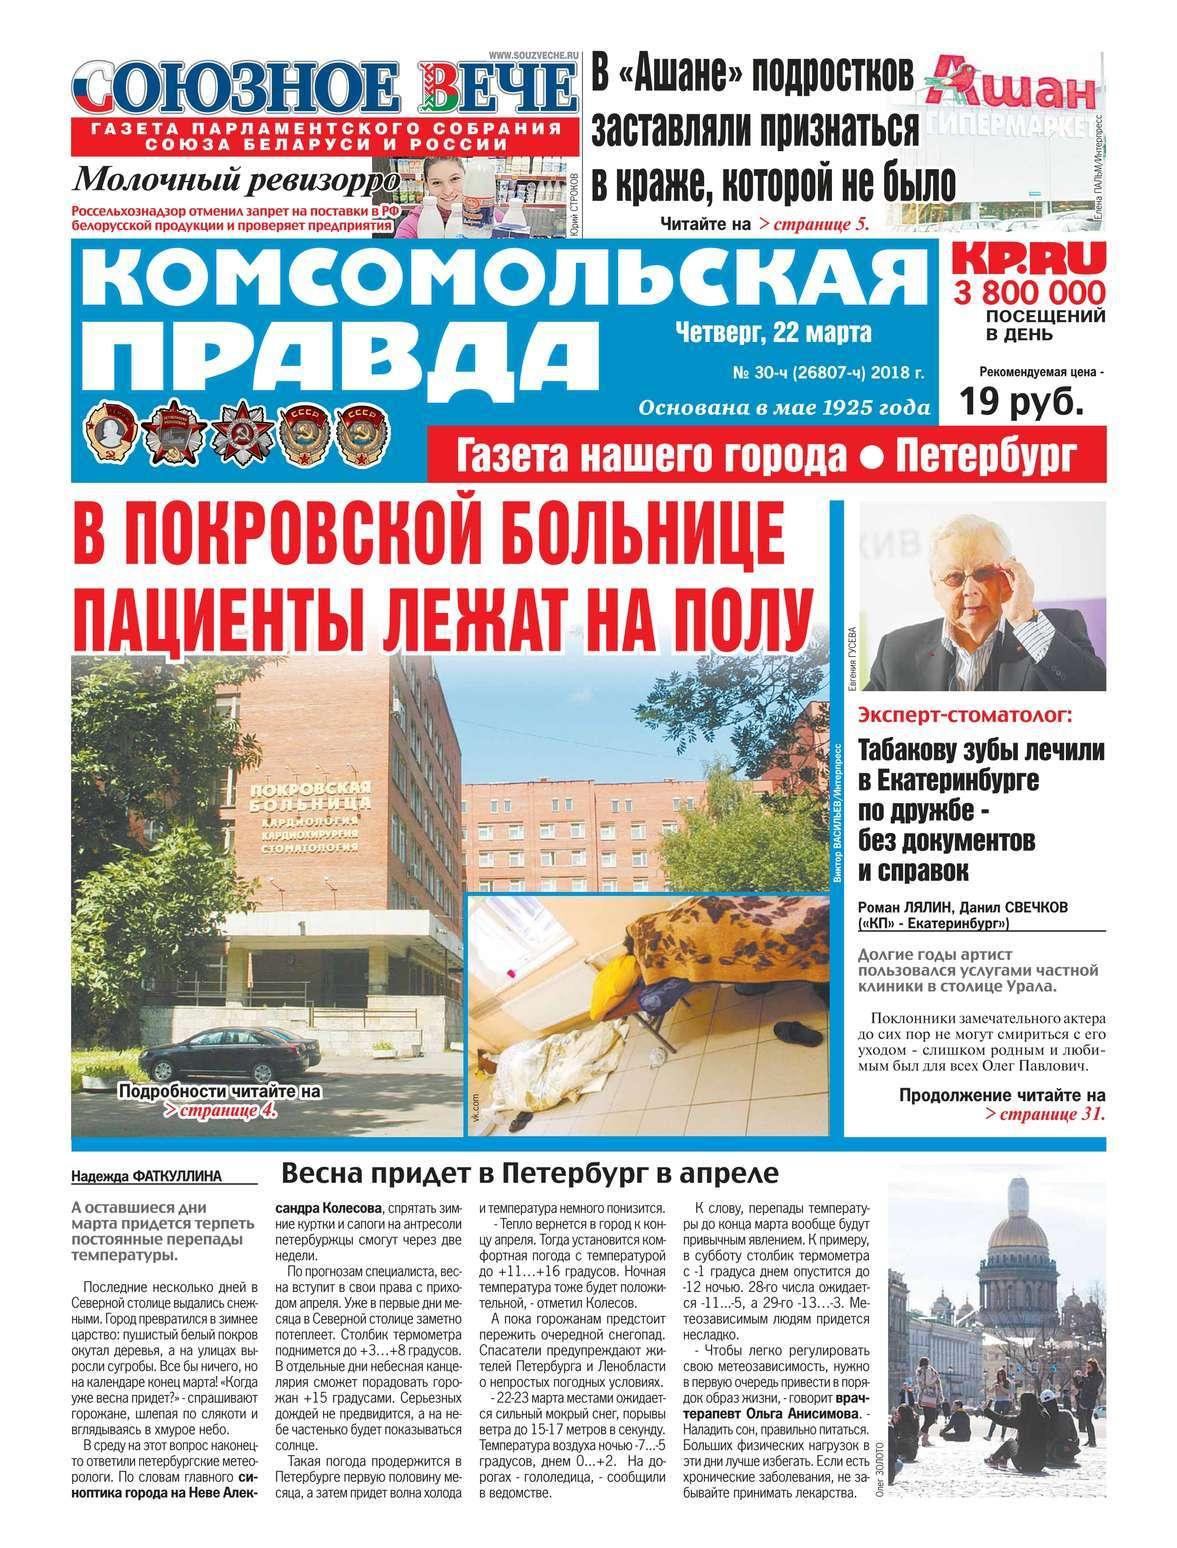 Комсомольская Правда. Санкт-Петербург 30ч-2018